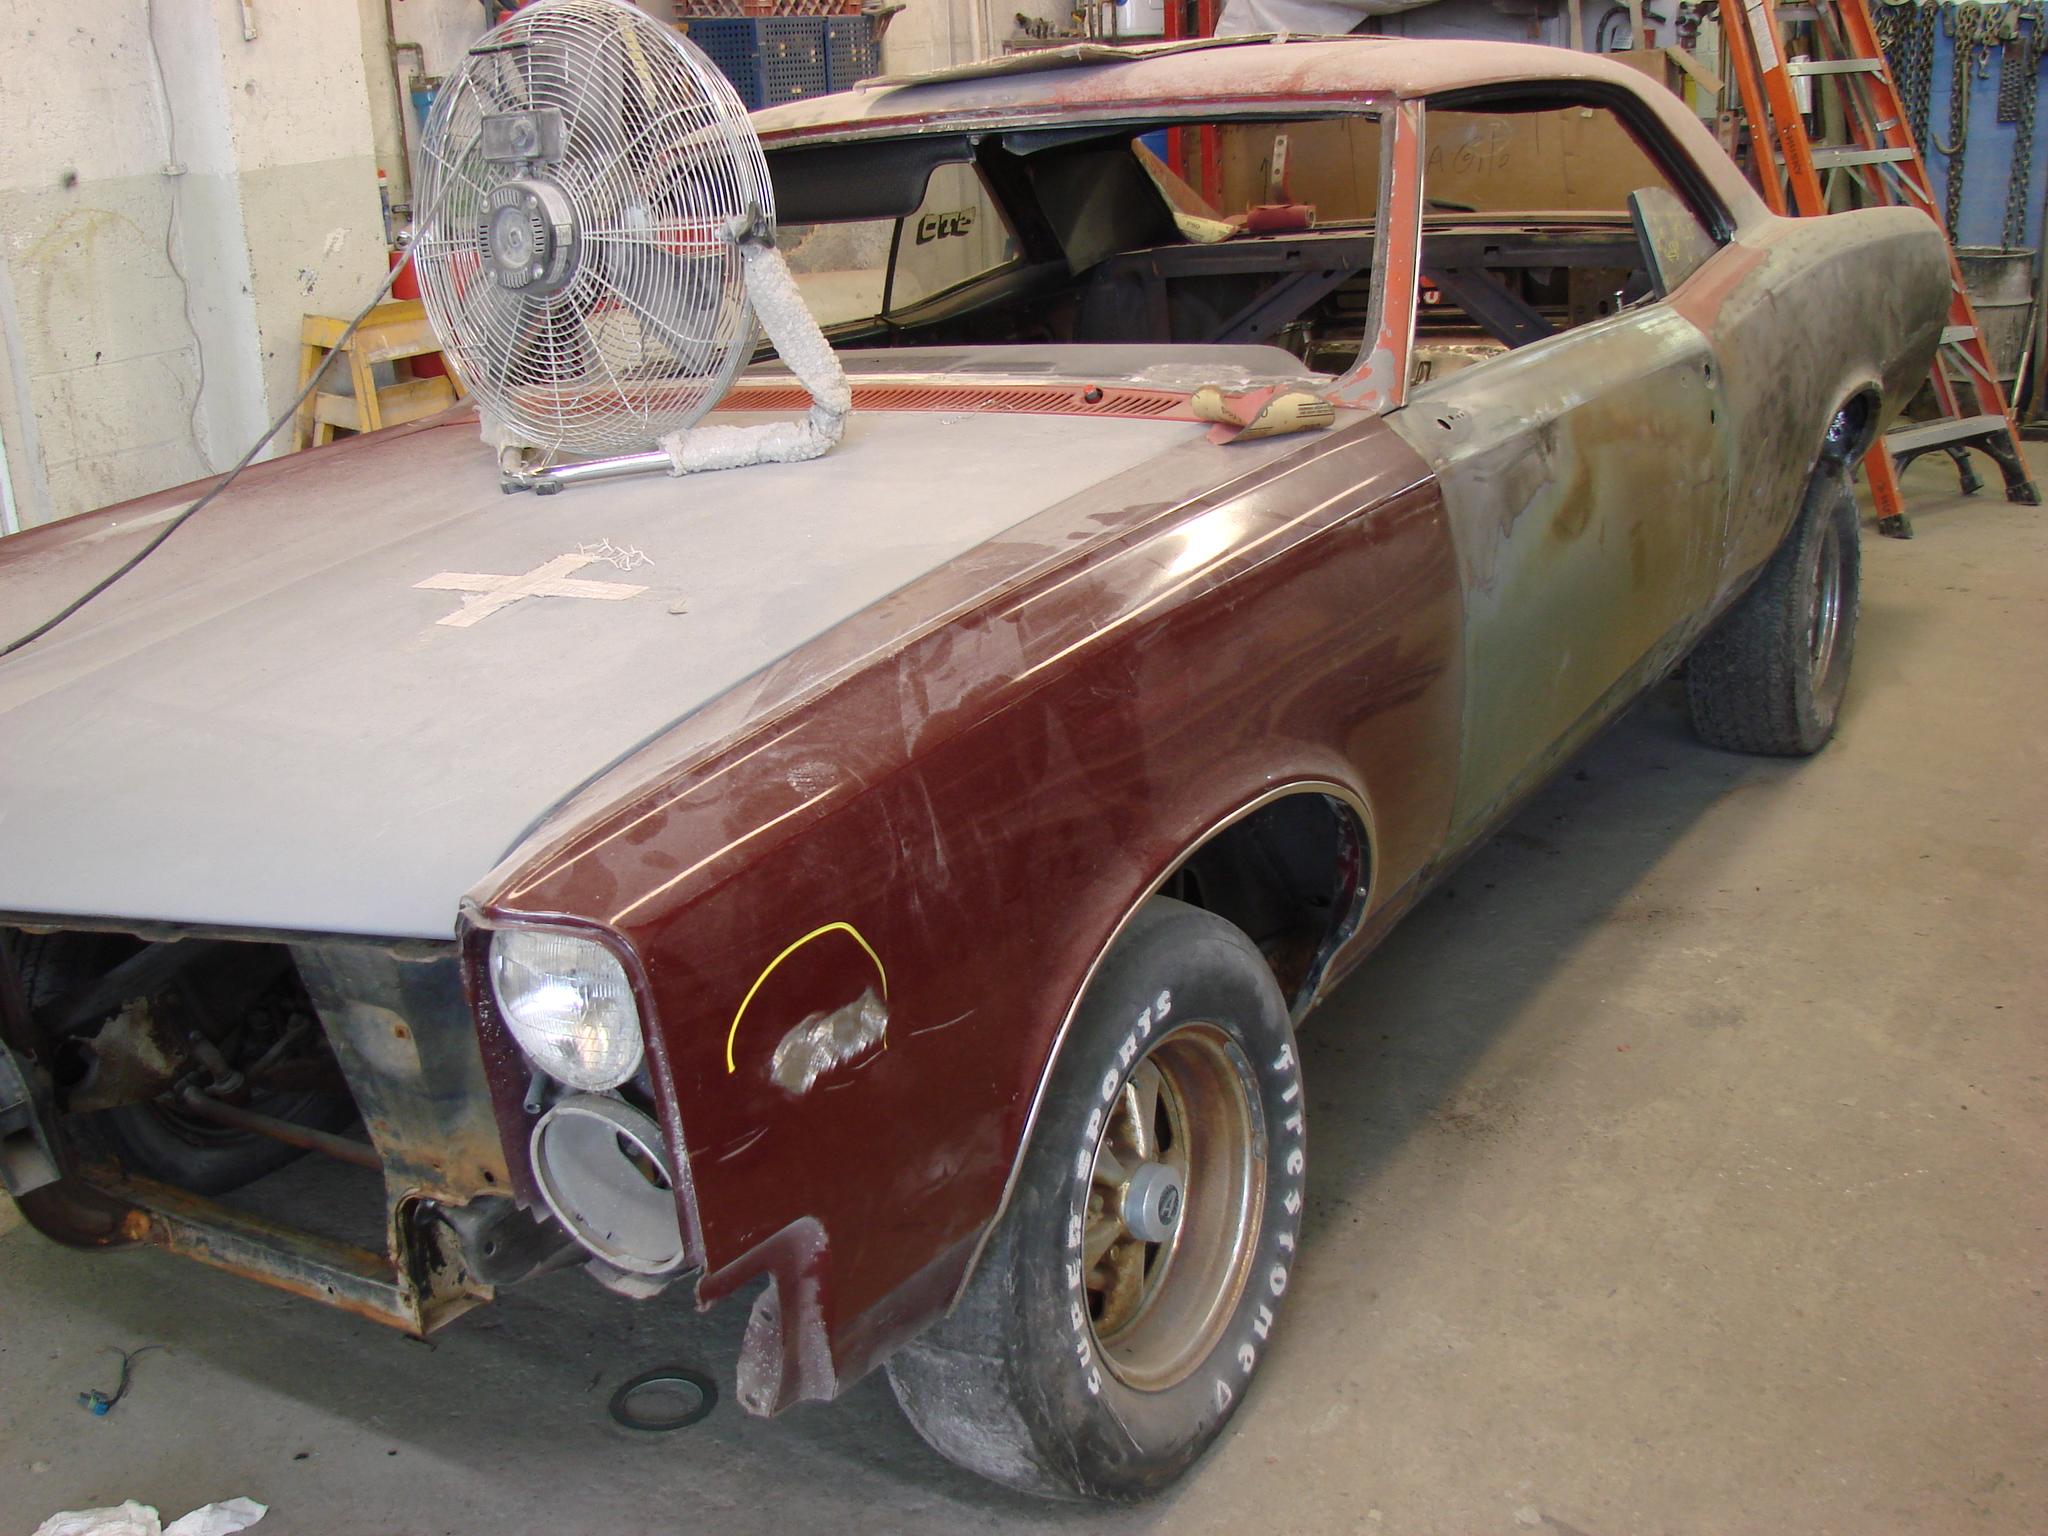 Presenting my new 1968 GTO convertible-3mresto-011.jpg